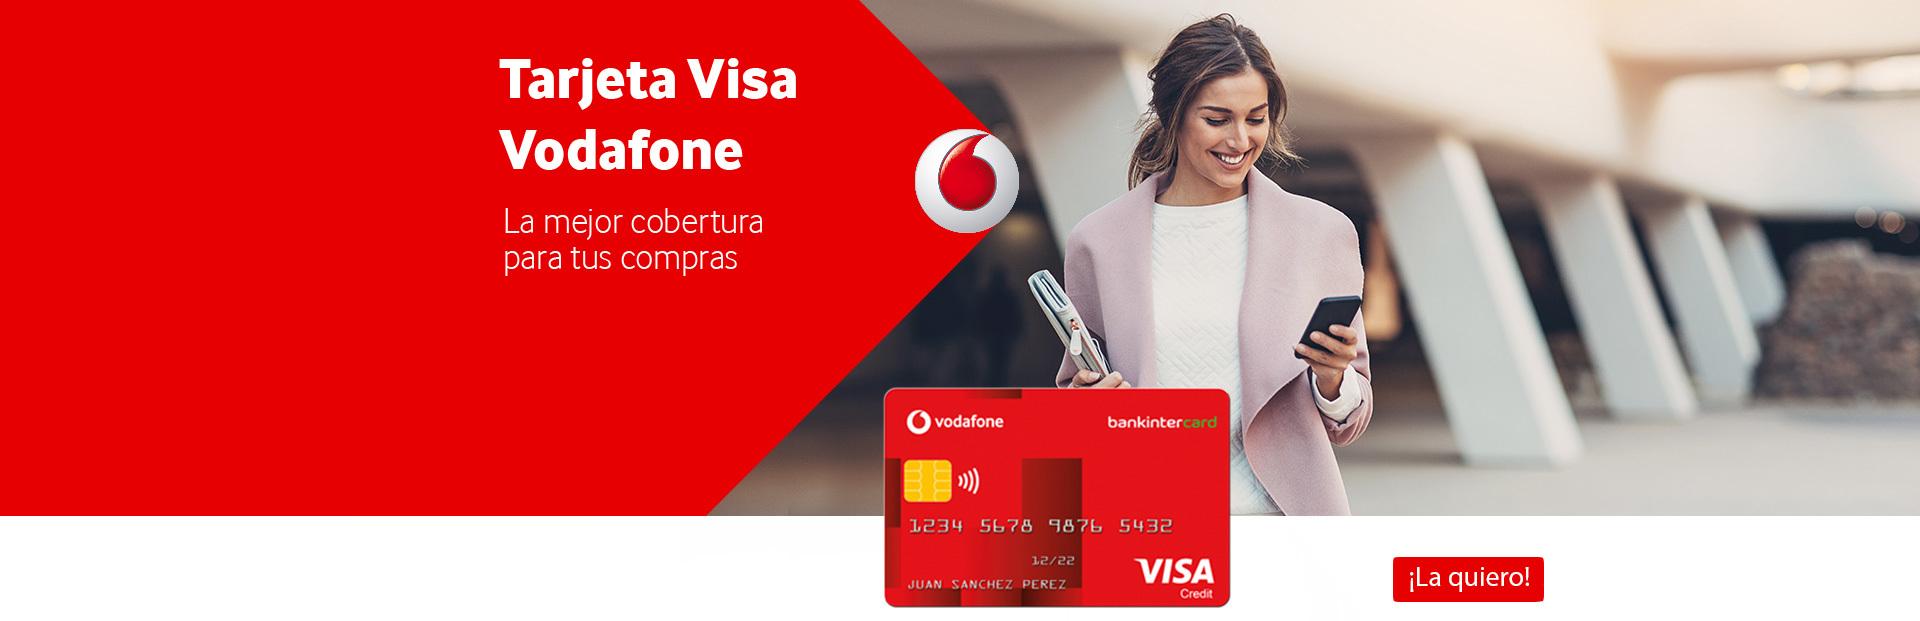 Reclamar Tarjeta Visa Vodafone